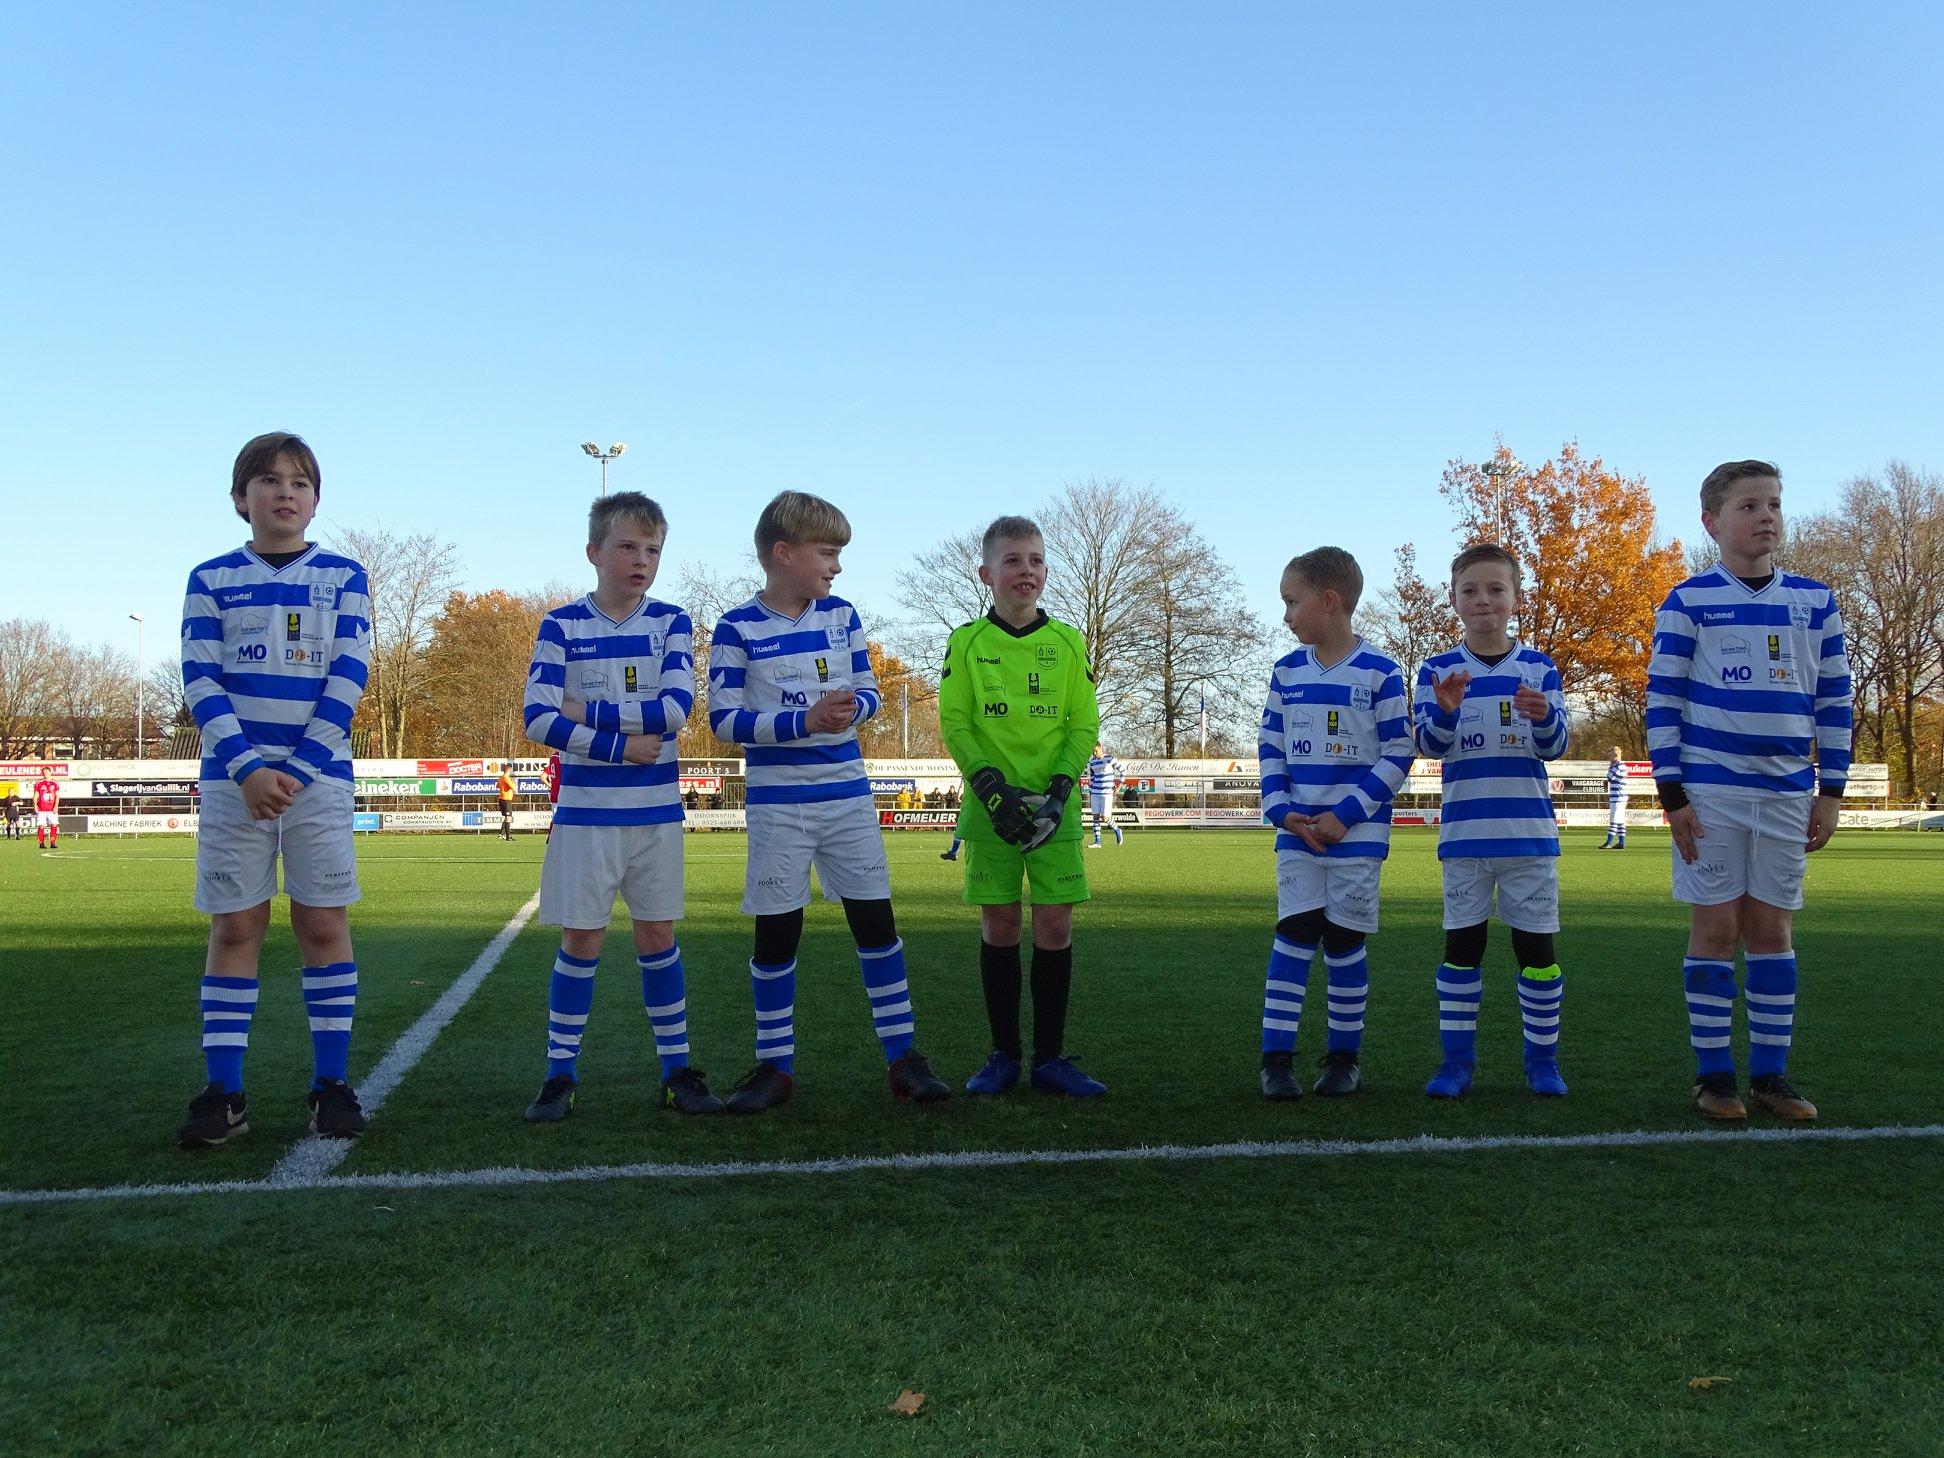 JO9-2 Team van de week - Elburger SC